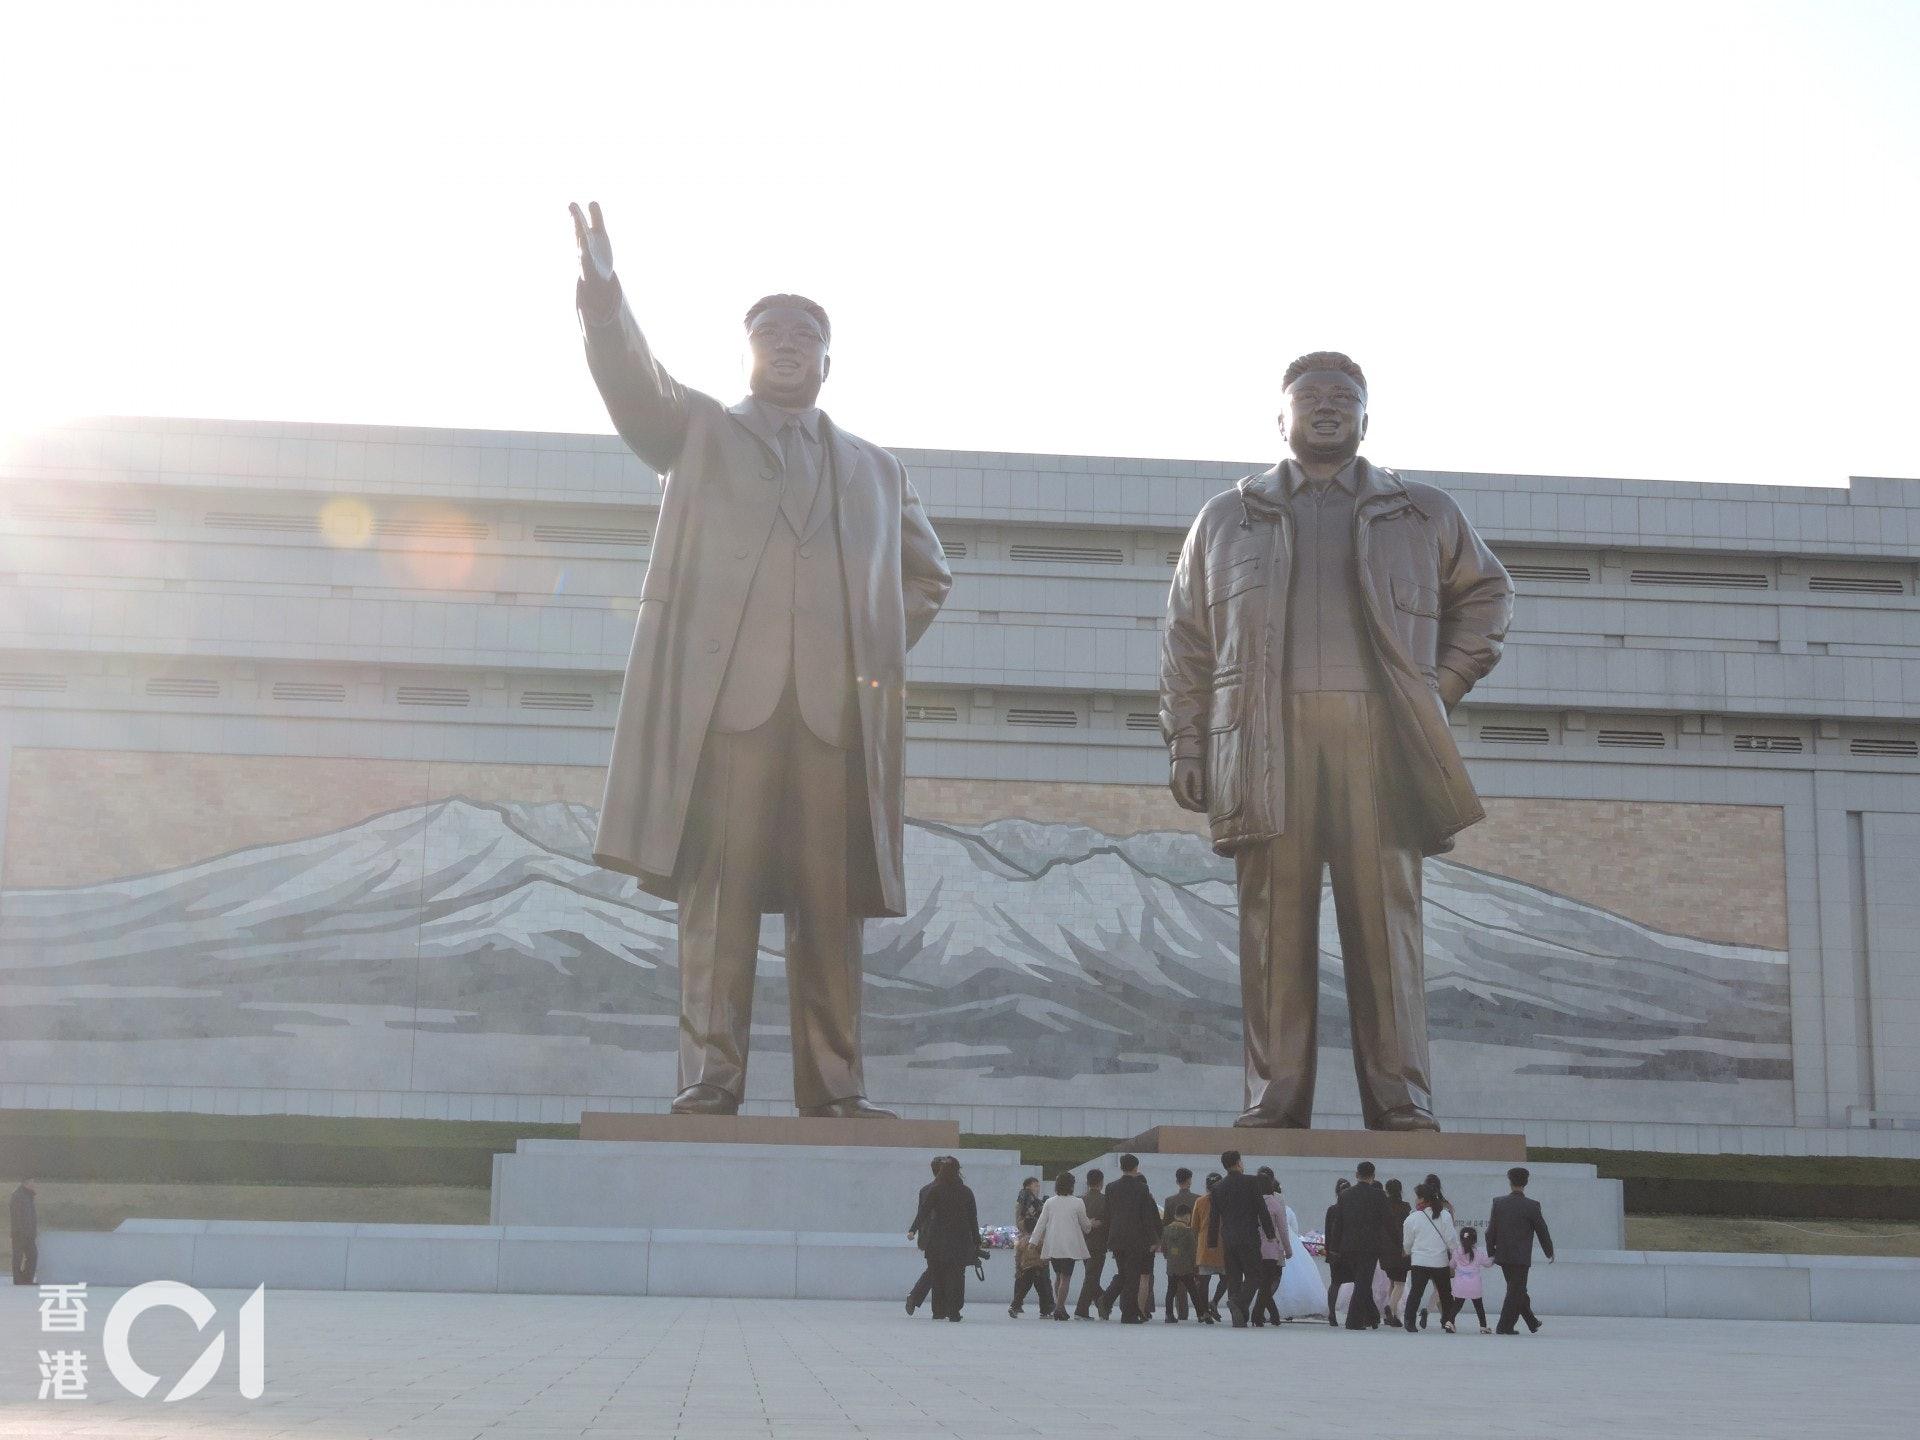 在萬壽台紀念碑兩位領導人金日成和金正日的銅像前,快將結為夫婦的新人及親友上前獻花,希望得到二人的祝福。(歐陽翠詩攝)